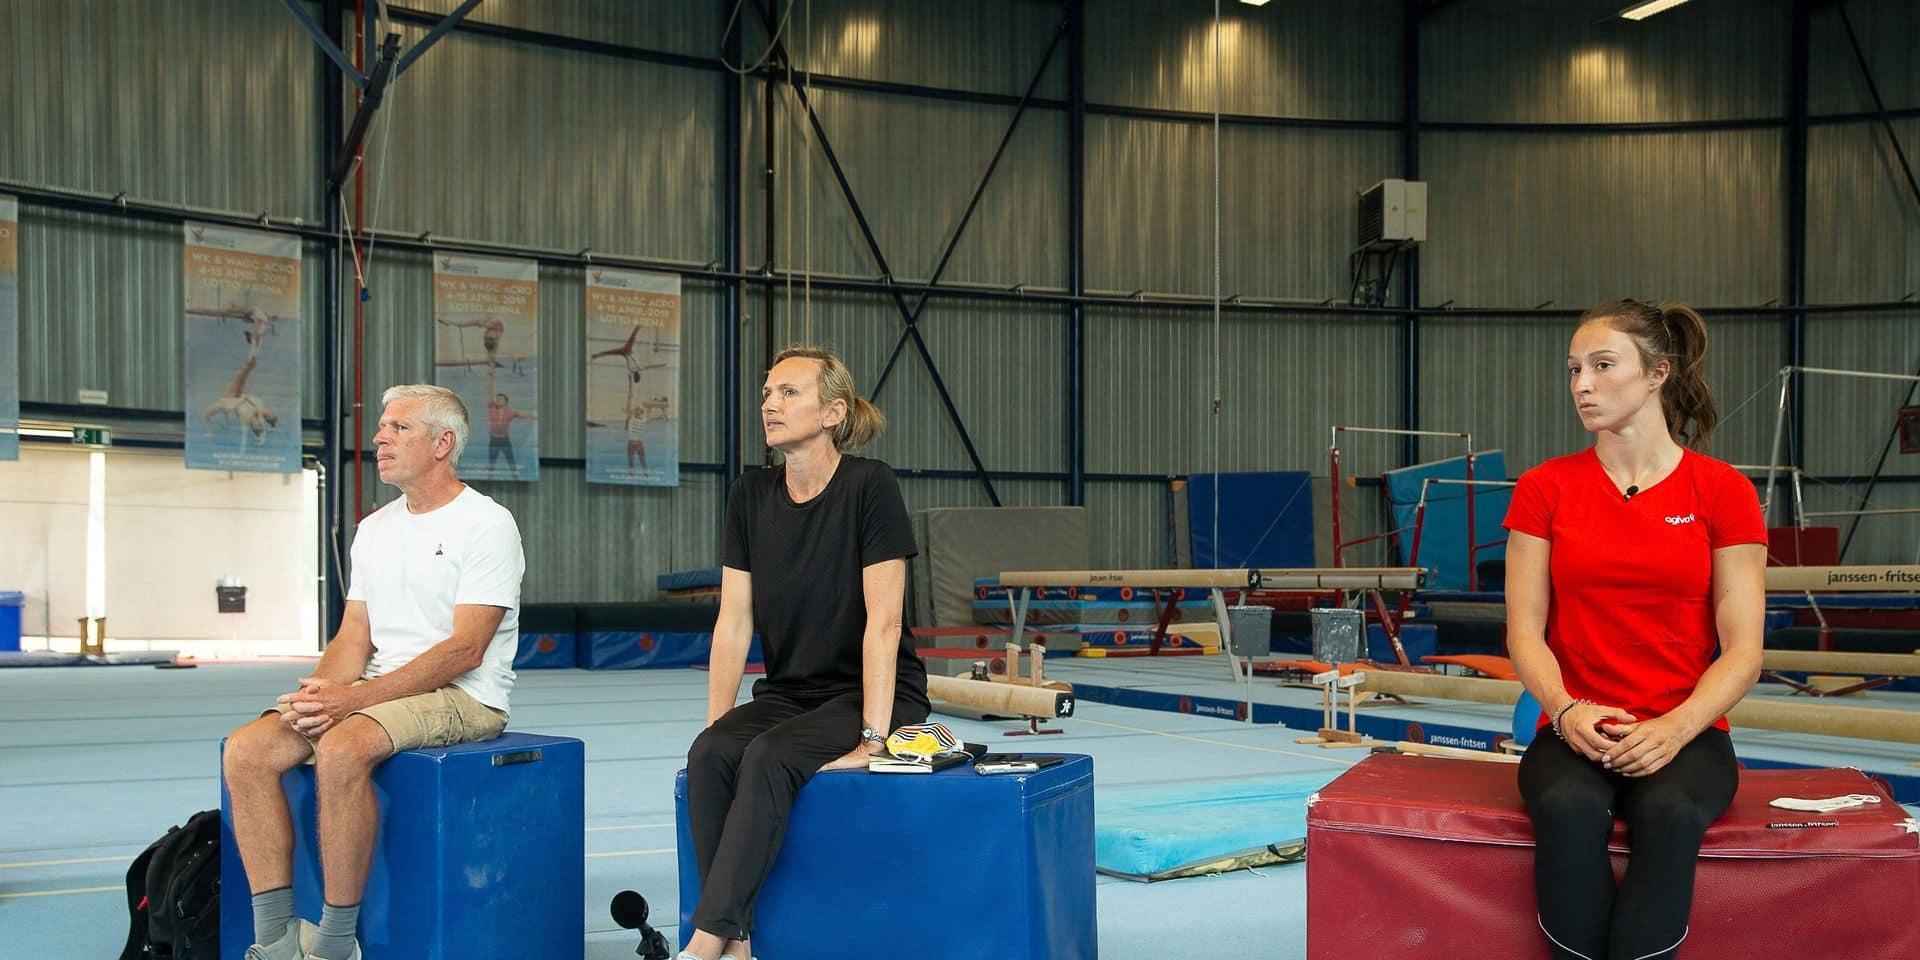 """""""Nous nous excusons sincèrement"""": les coachs de Nina Derwael regrettent et resteront en place pour les JO après l'enquête à la Gymfed"""